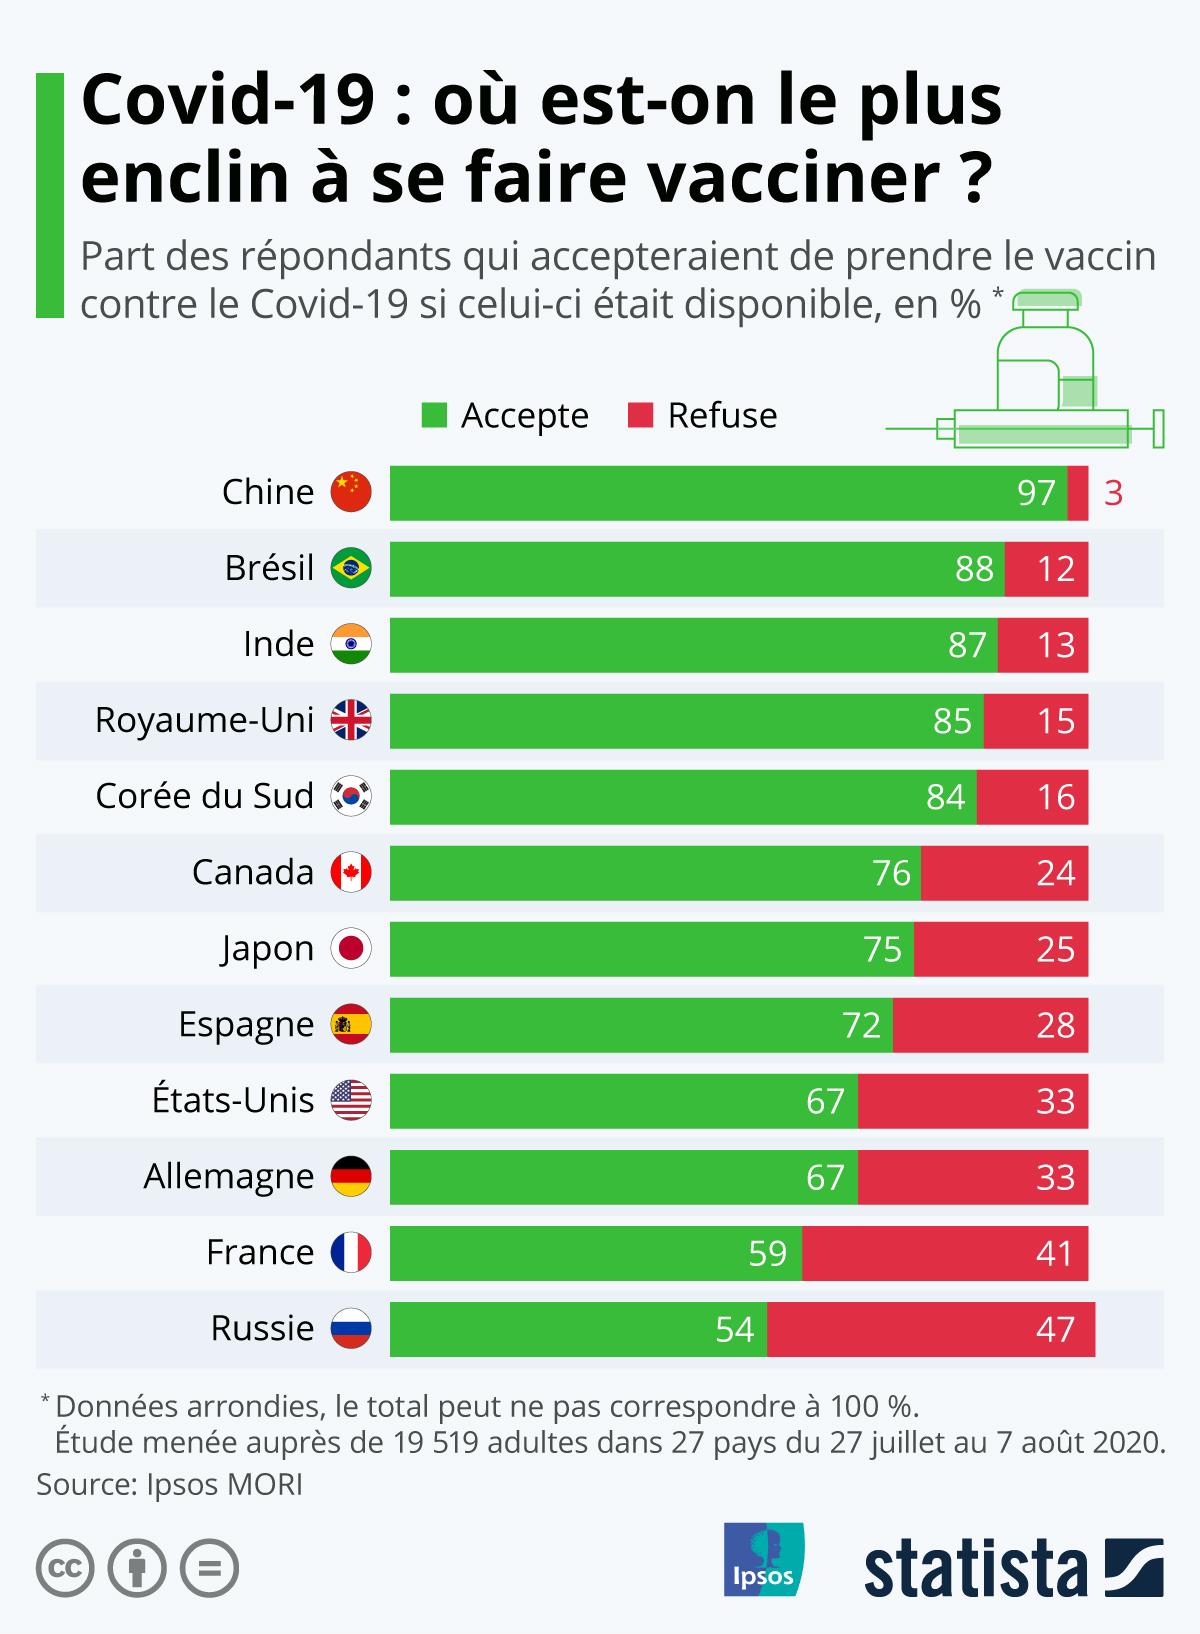 Infographie: Où est-on le plus enclin à se faire vacciner contre le coronavirus ? | Statista